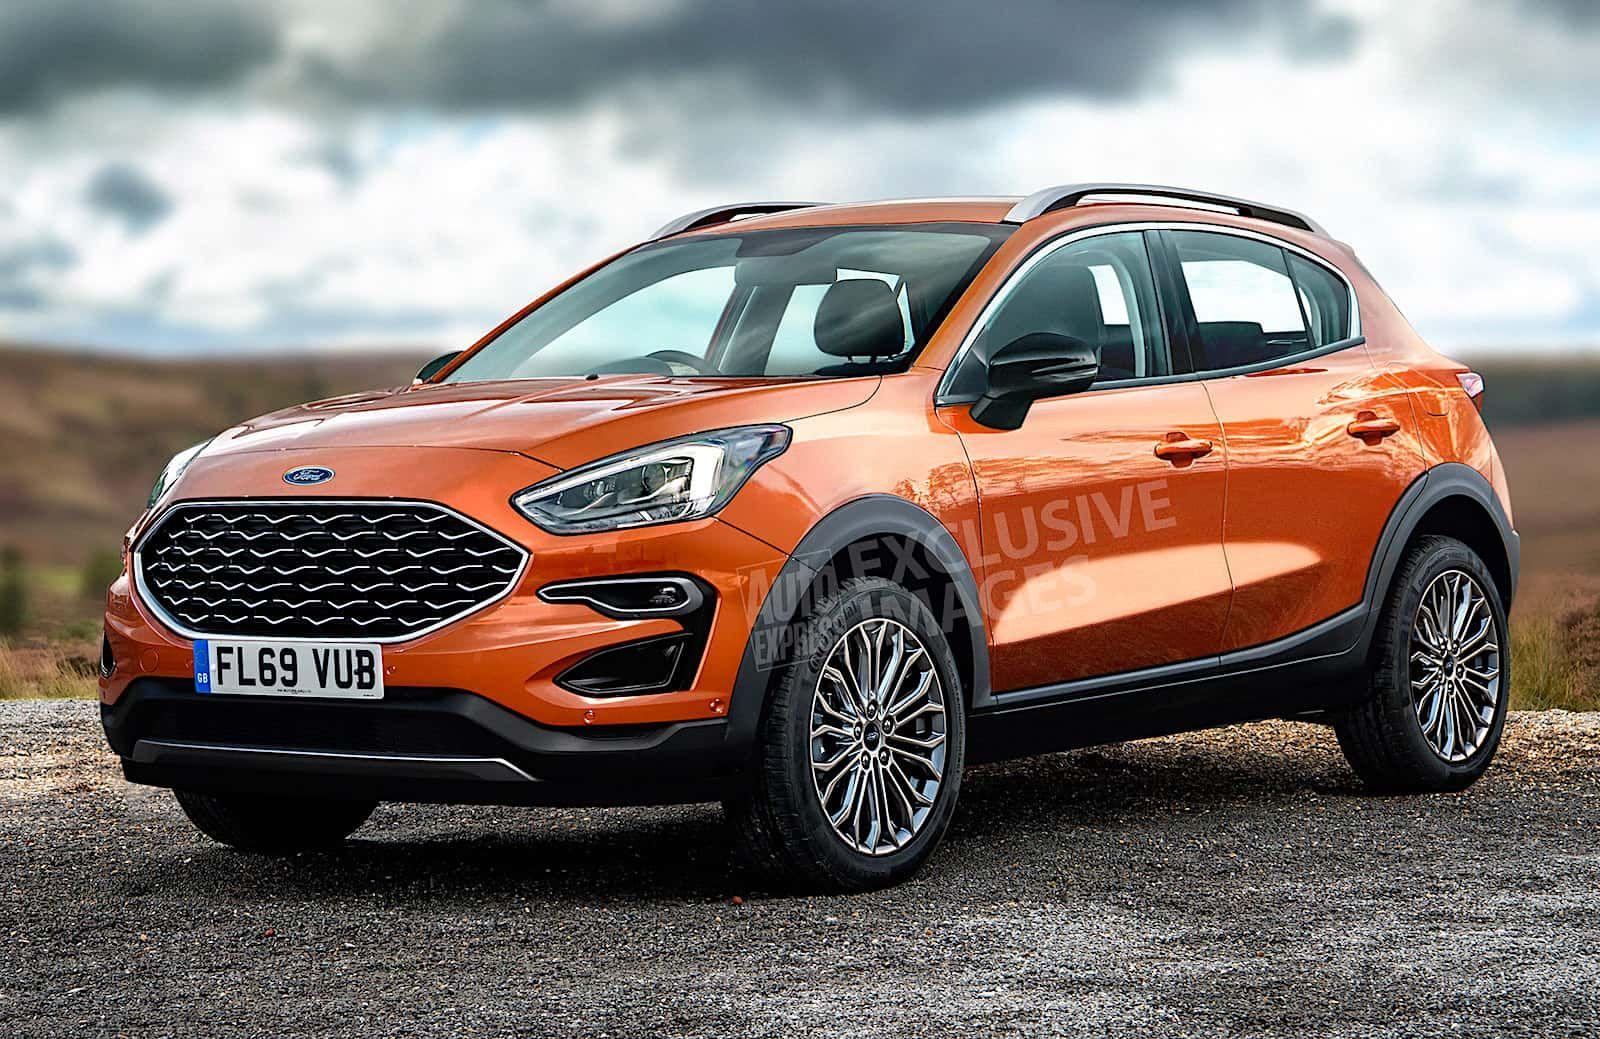 Ford Podria Recuperar La Denominacion Puma Para Dar Vida Al Sucesor Del Actual Ecosport Su Debut Tendria Lugar En El Salon Del Ford Ecosport Ford Ford Fiesta